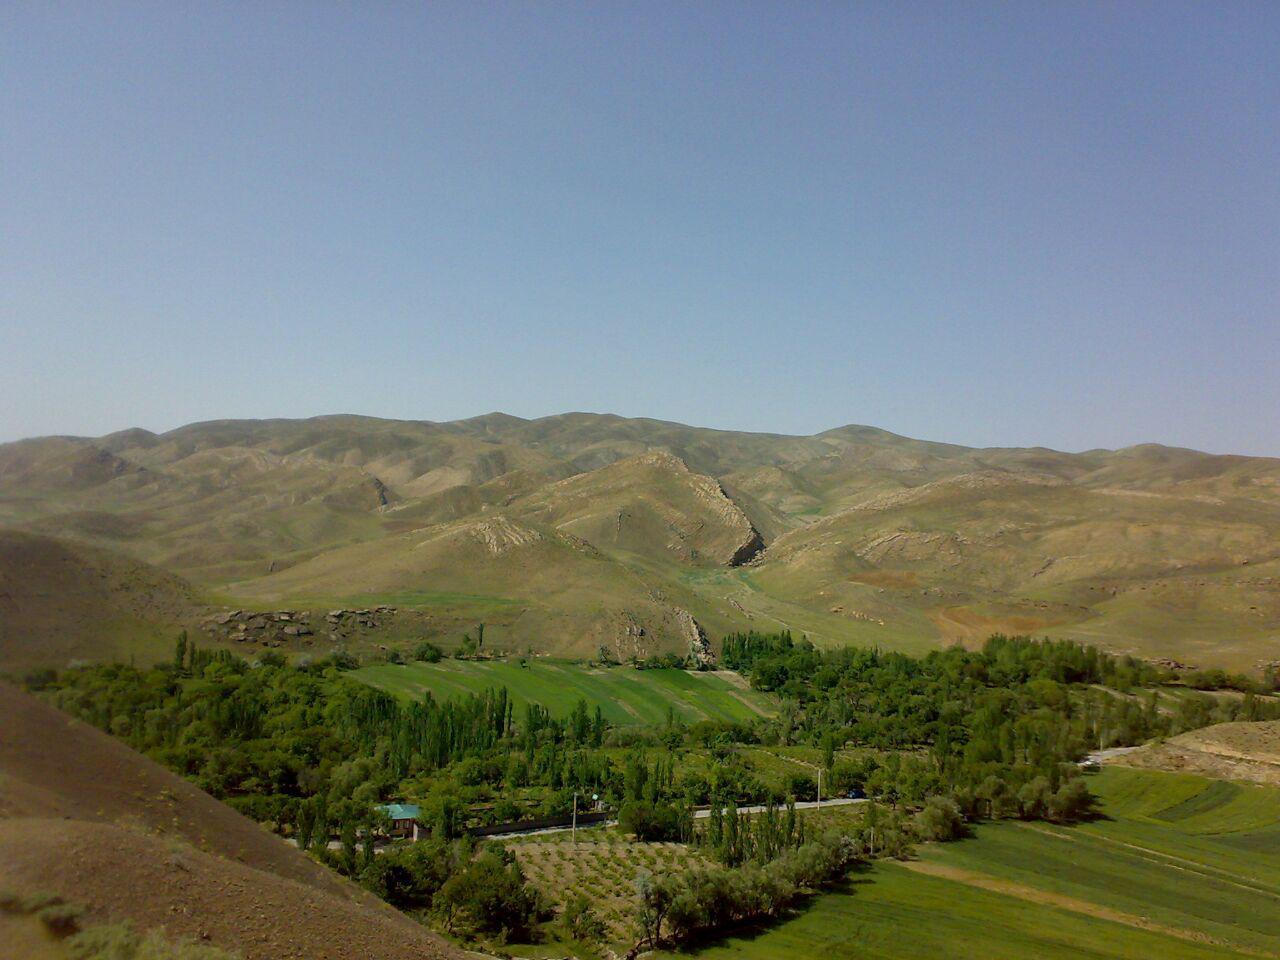 روستای کسرآصف (کسراصف)